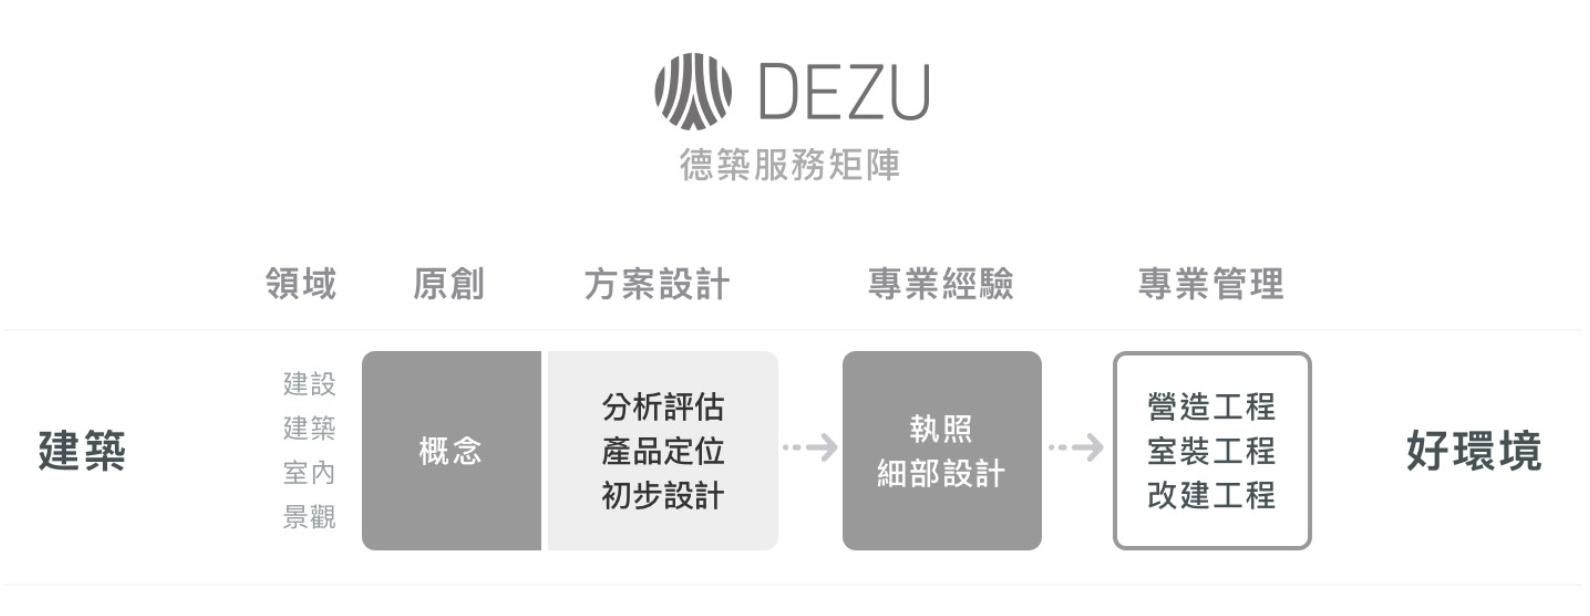 德築-DEZU-projecct-Zuyin-service-matrix